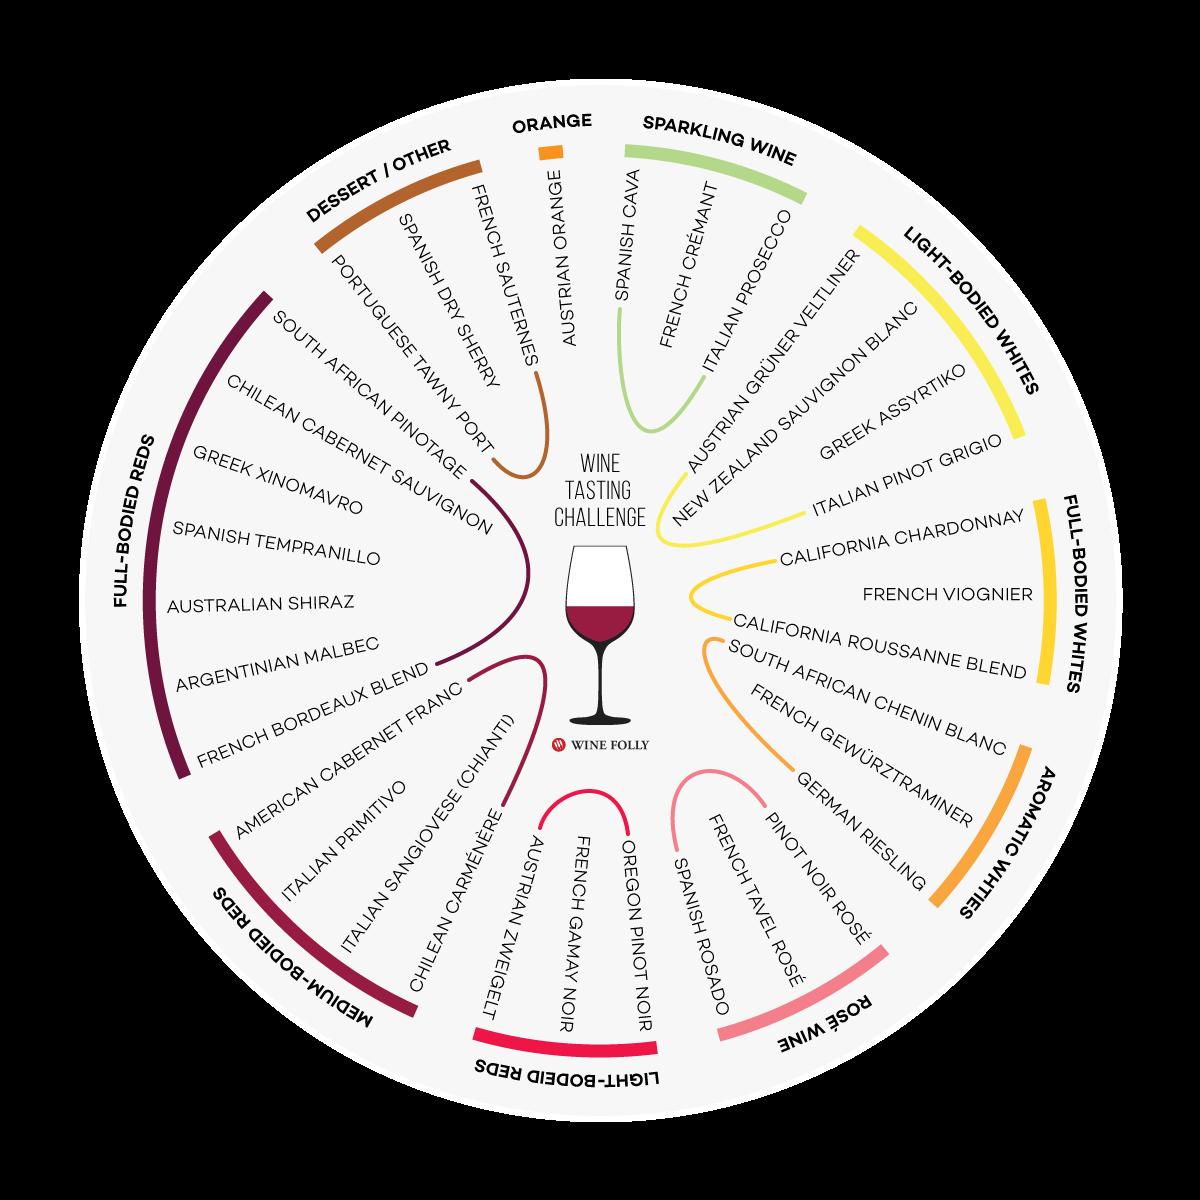 wine-tasting-challenge-winefolly-32-wine-list